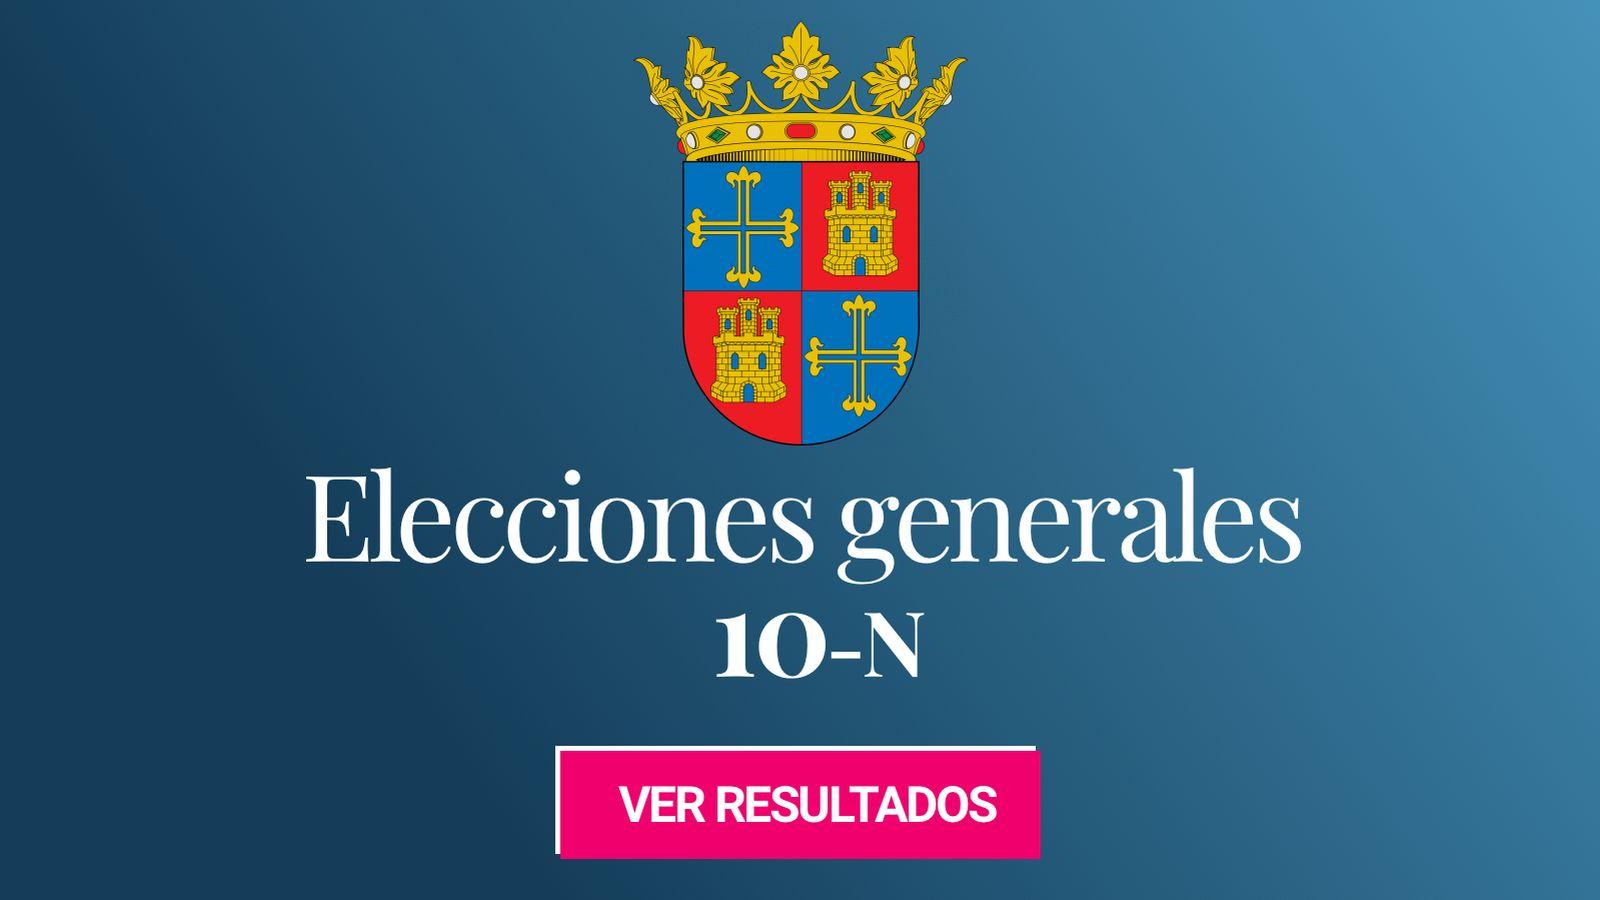 Foto: Elecciones generales 2019 en Palencia. (C.C./EC)